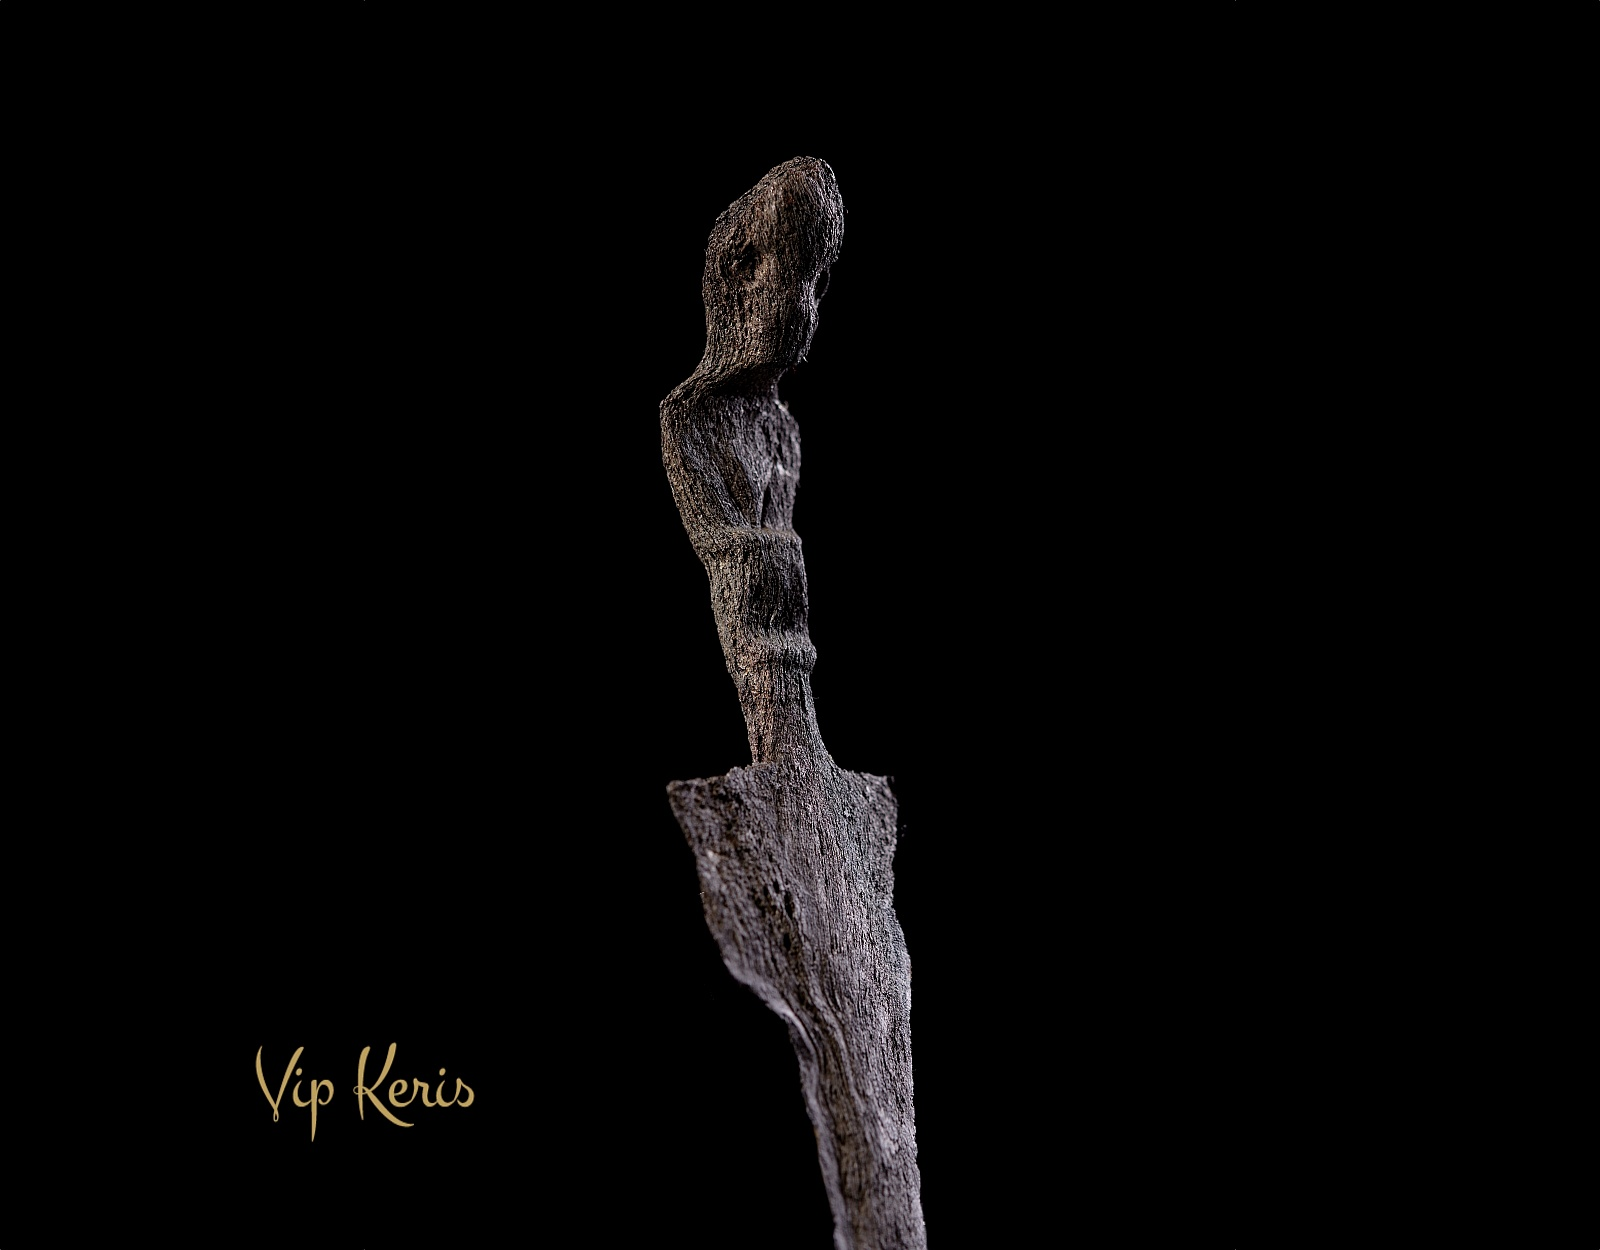 Прямой кинжал Крис Sajen, стихия Воздух, Огонь фото VipKeris